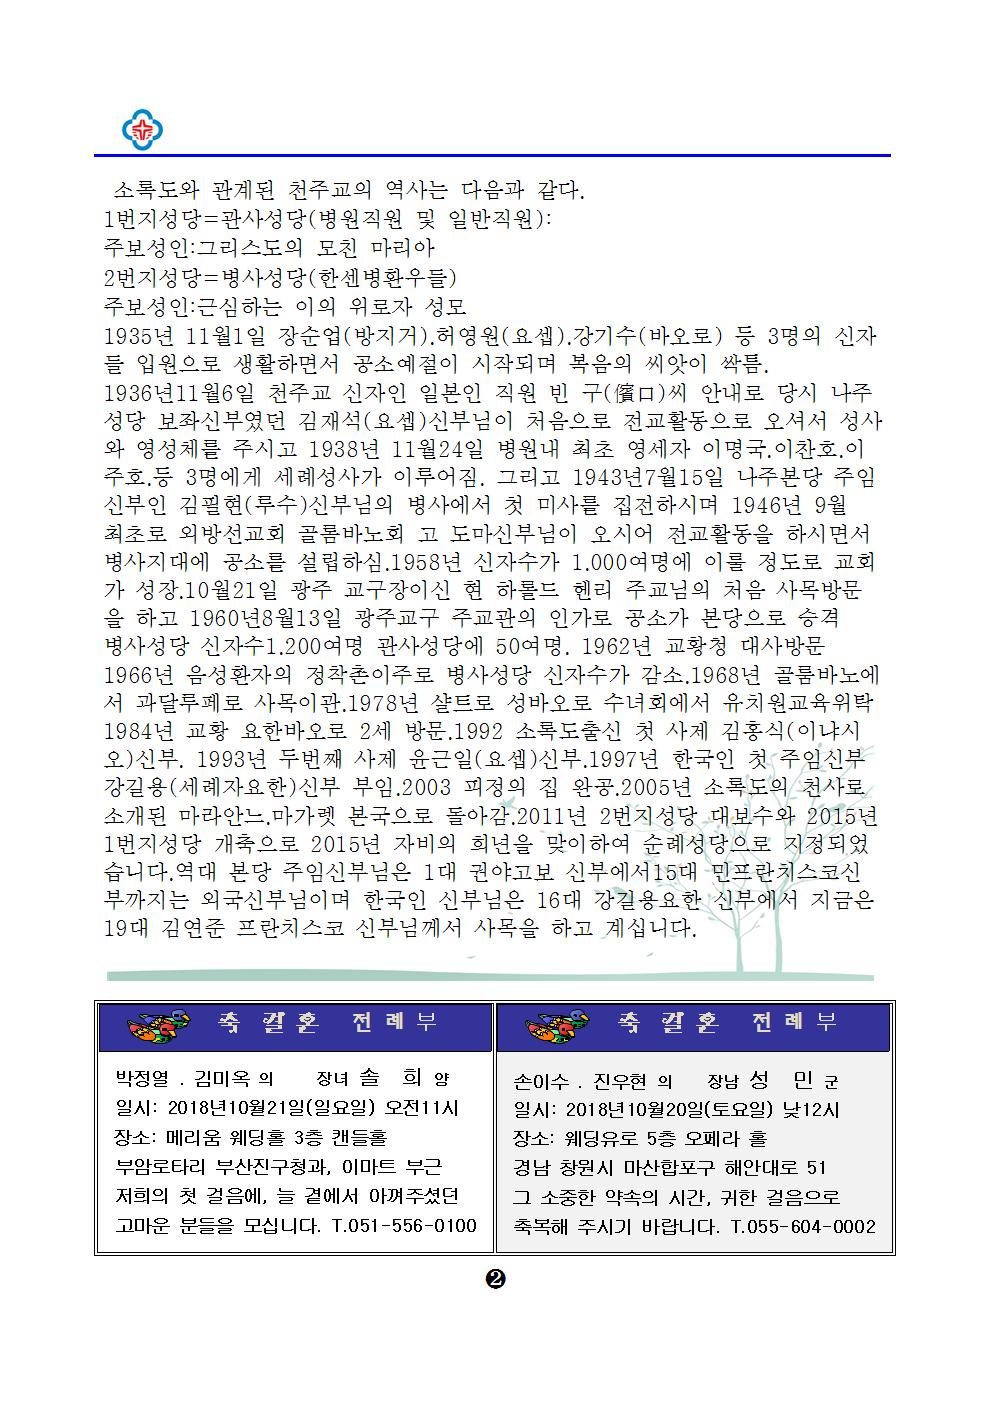 2018년10월회보 -002.png